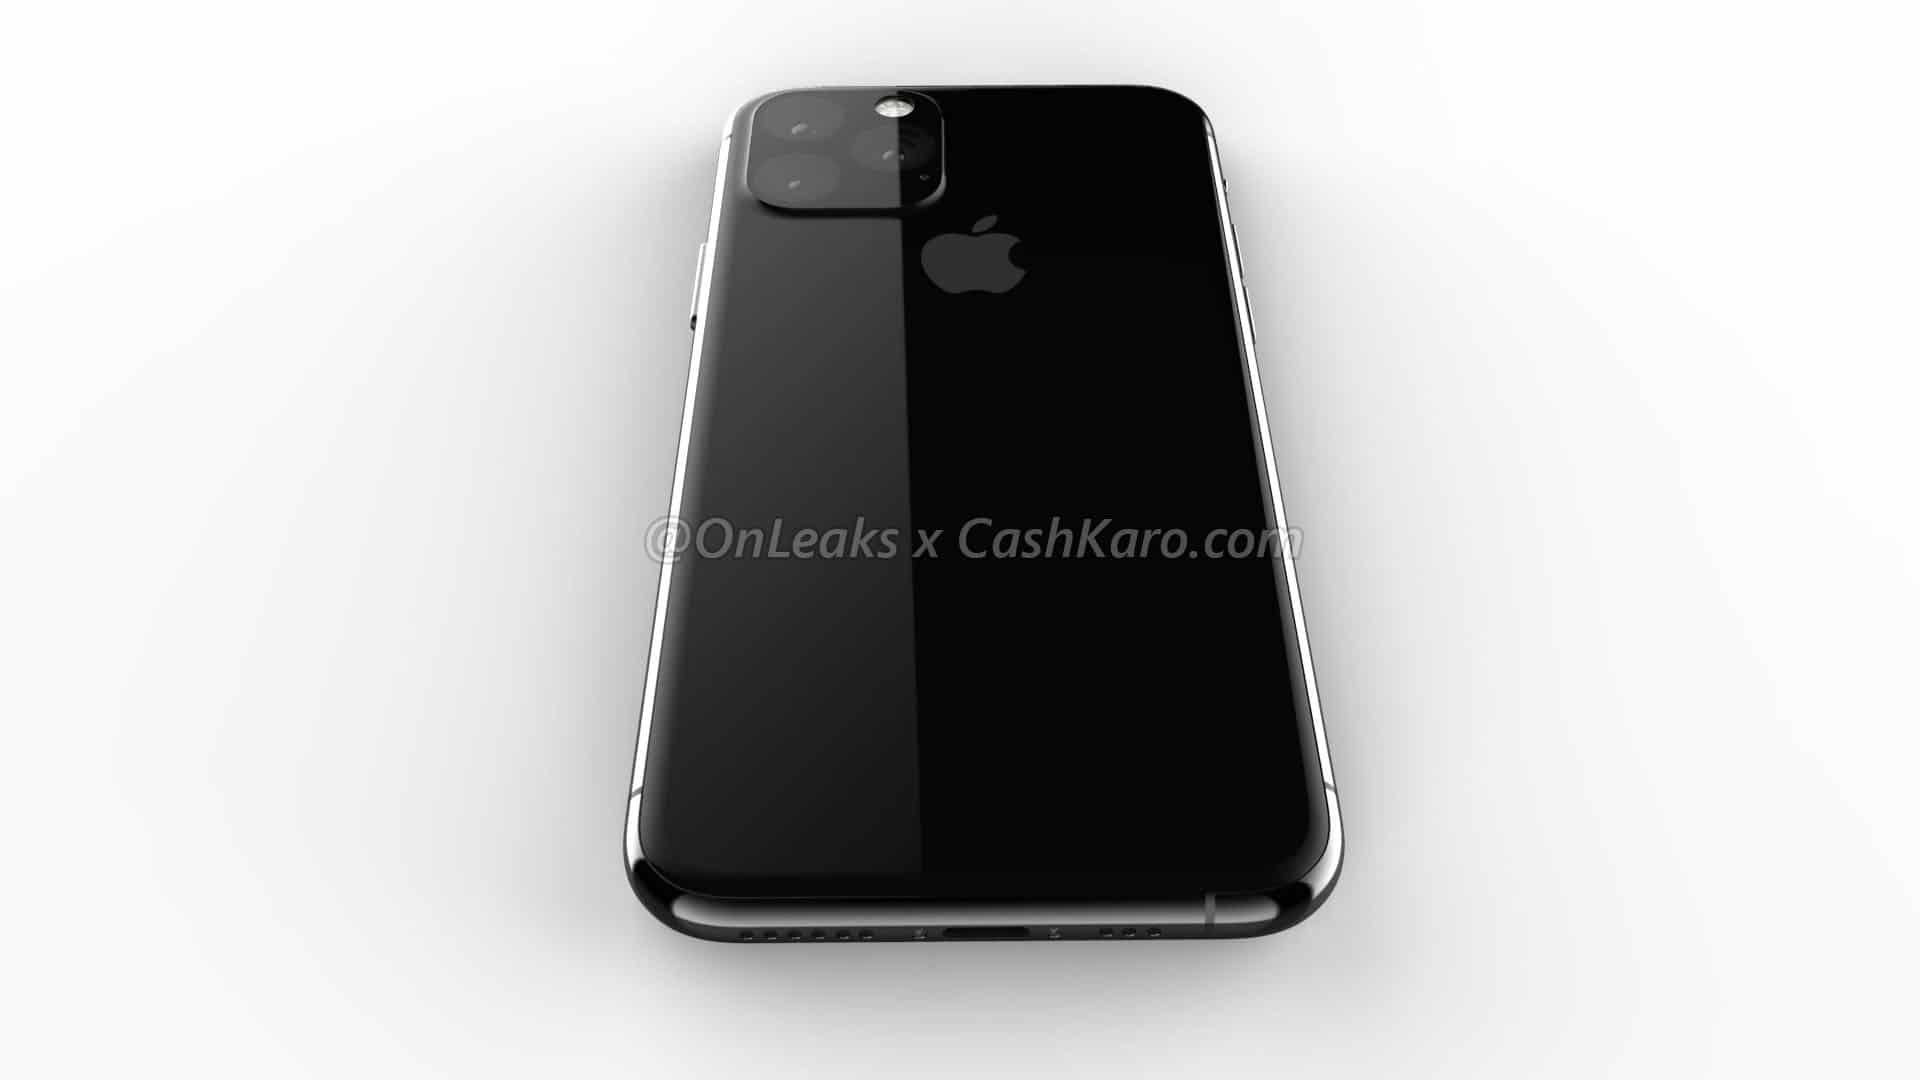 เผยภาพเรนเดอร์ iPhone XI ด้านหน้าเหมือนเดิม ด้านหลังใช้กล้อง 3 ตัว 3